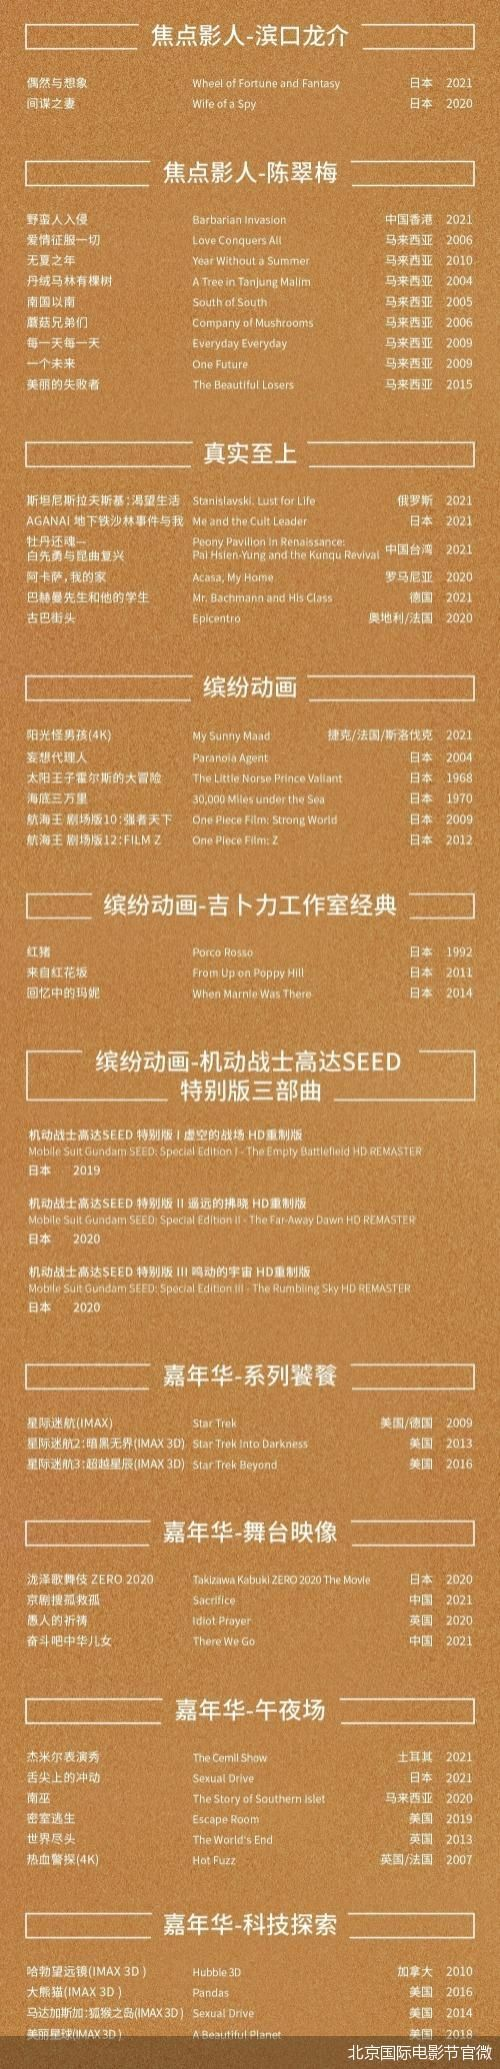 北京国际电影节官微